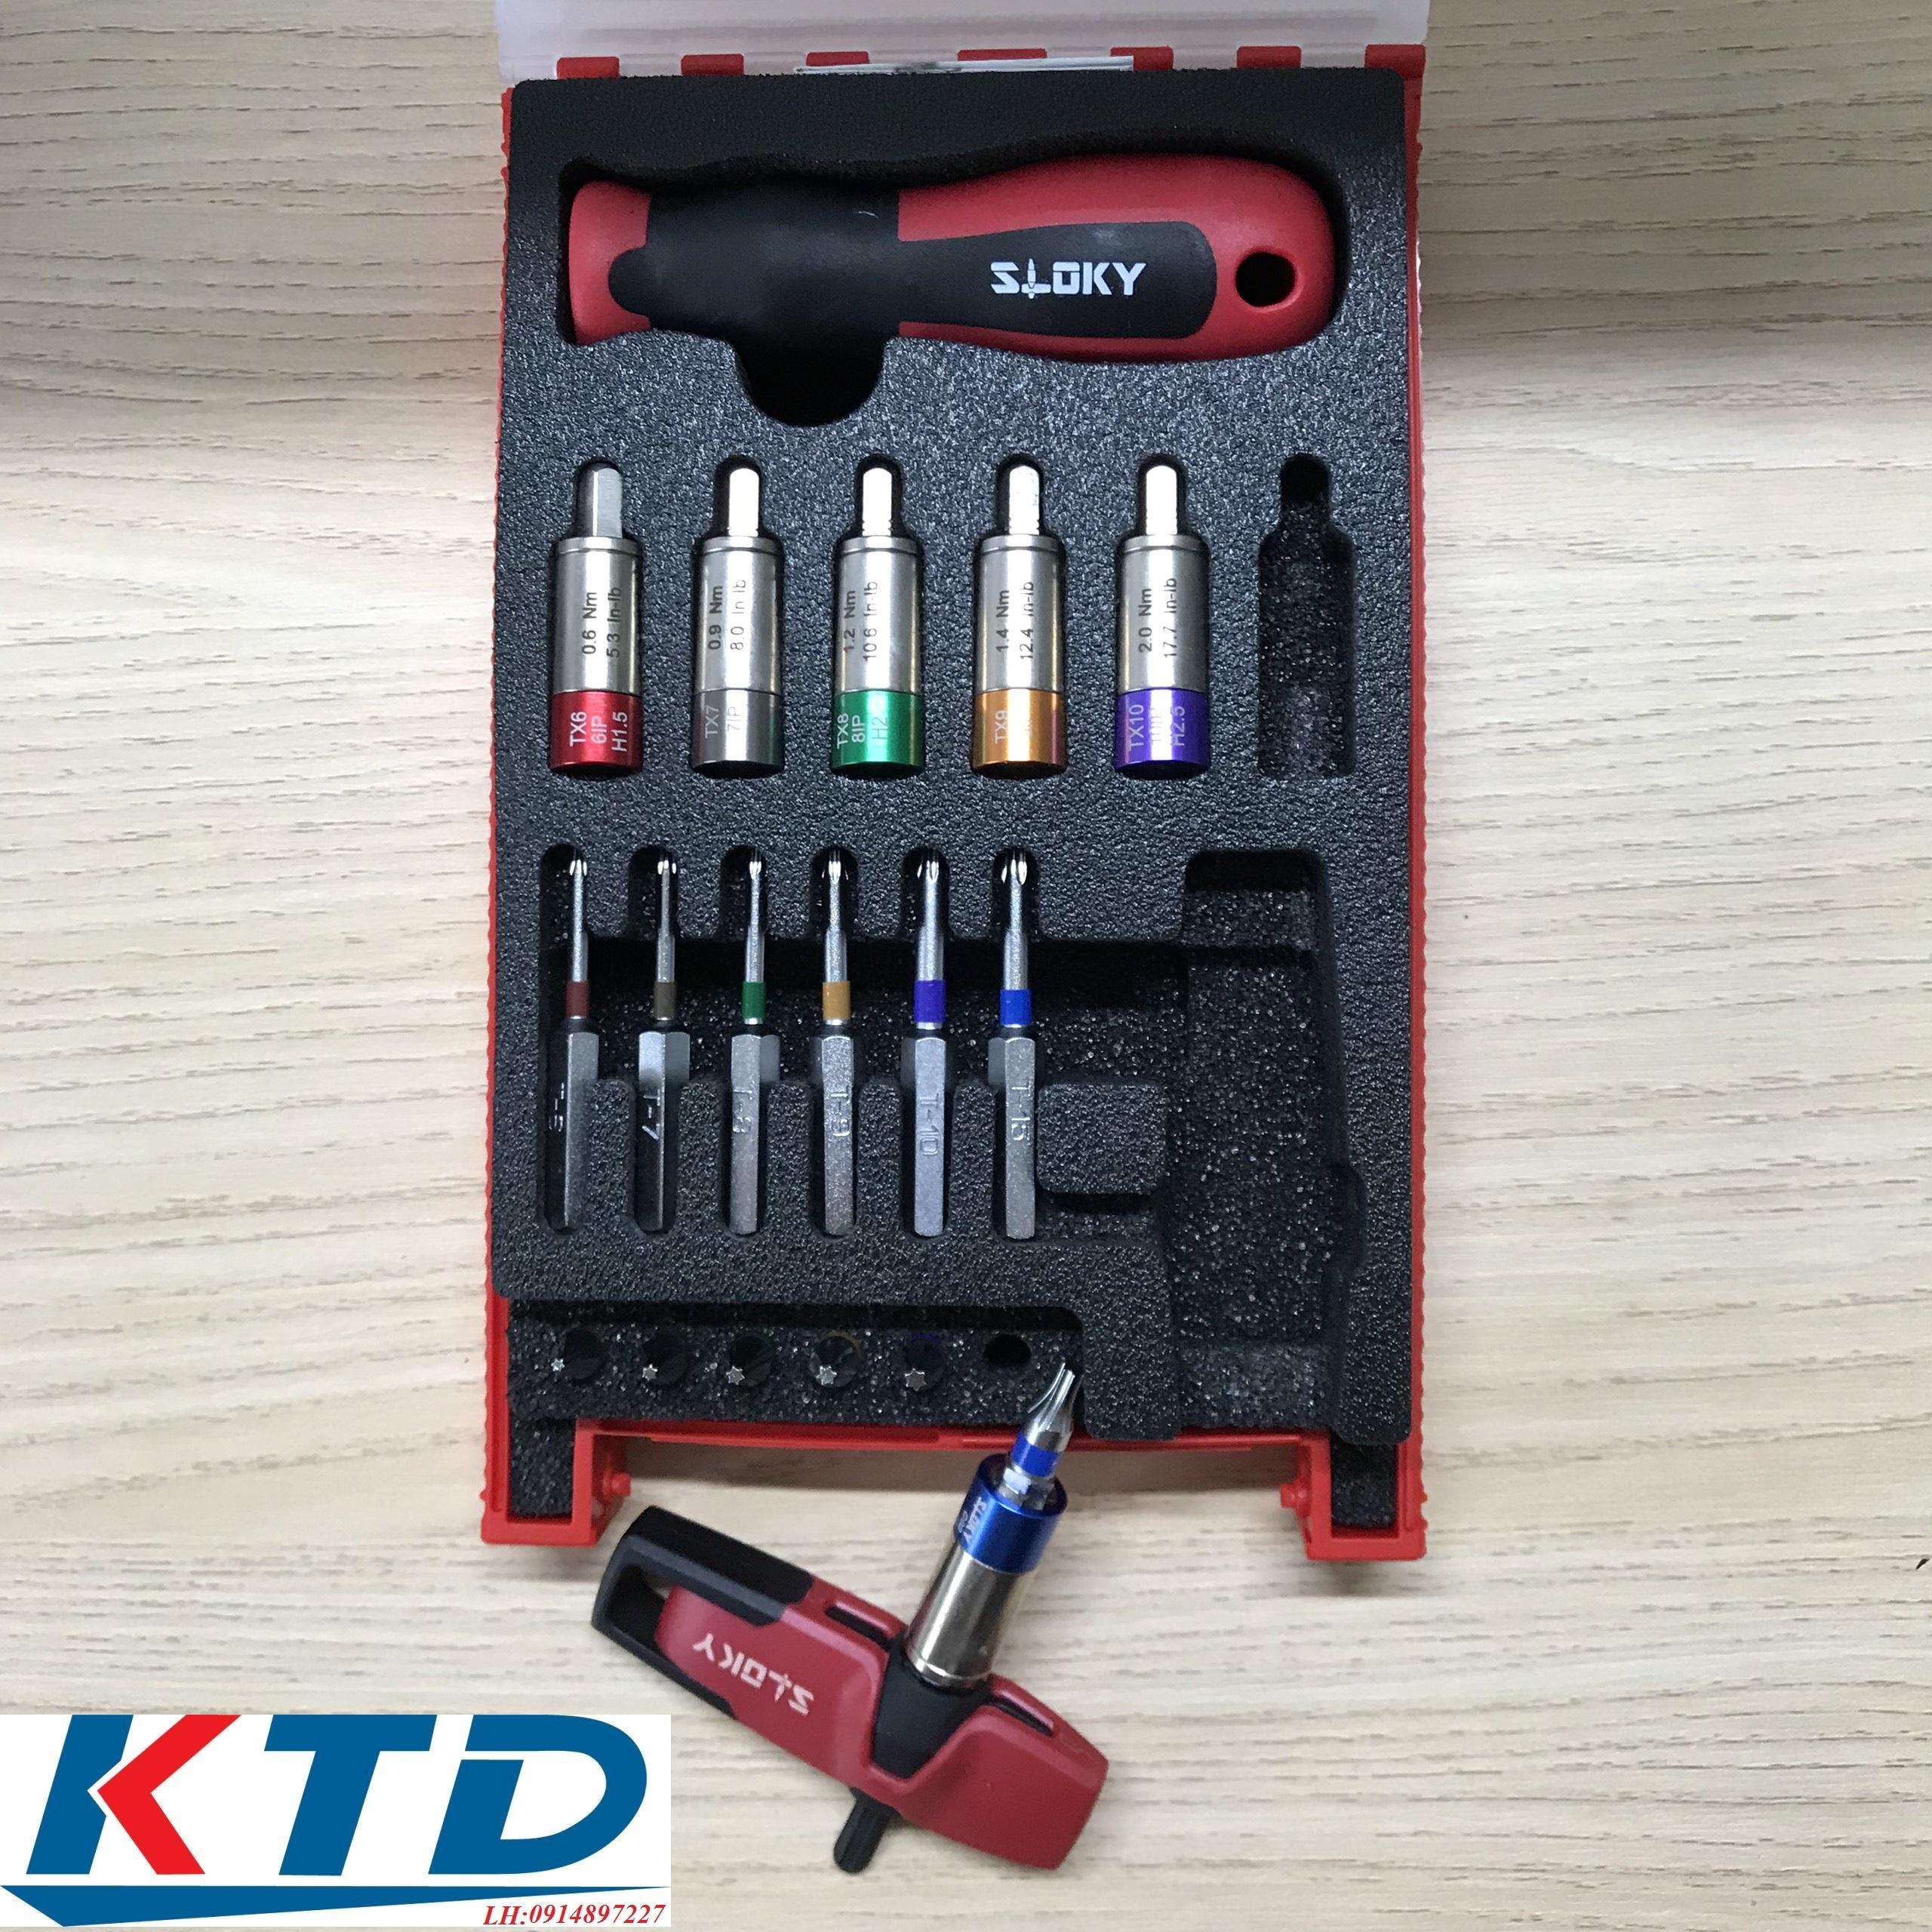 Tuốt nơ vít Sloky TSD-10 cao cấp chính hãng giá tốt